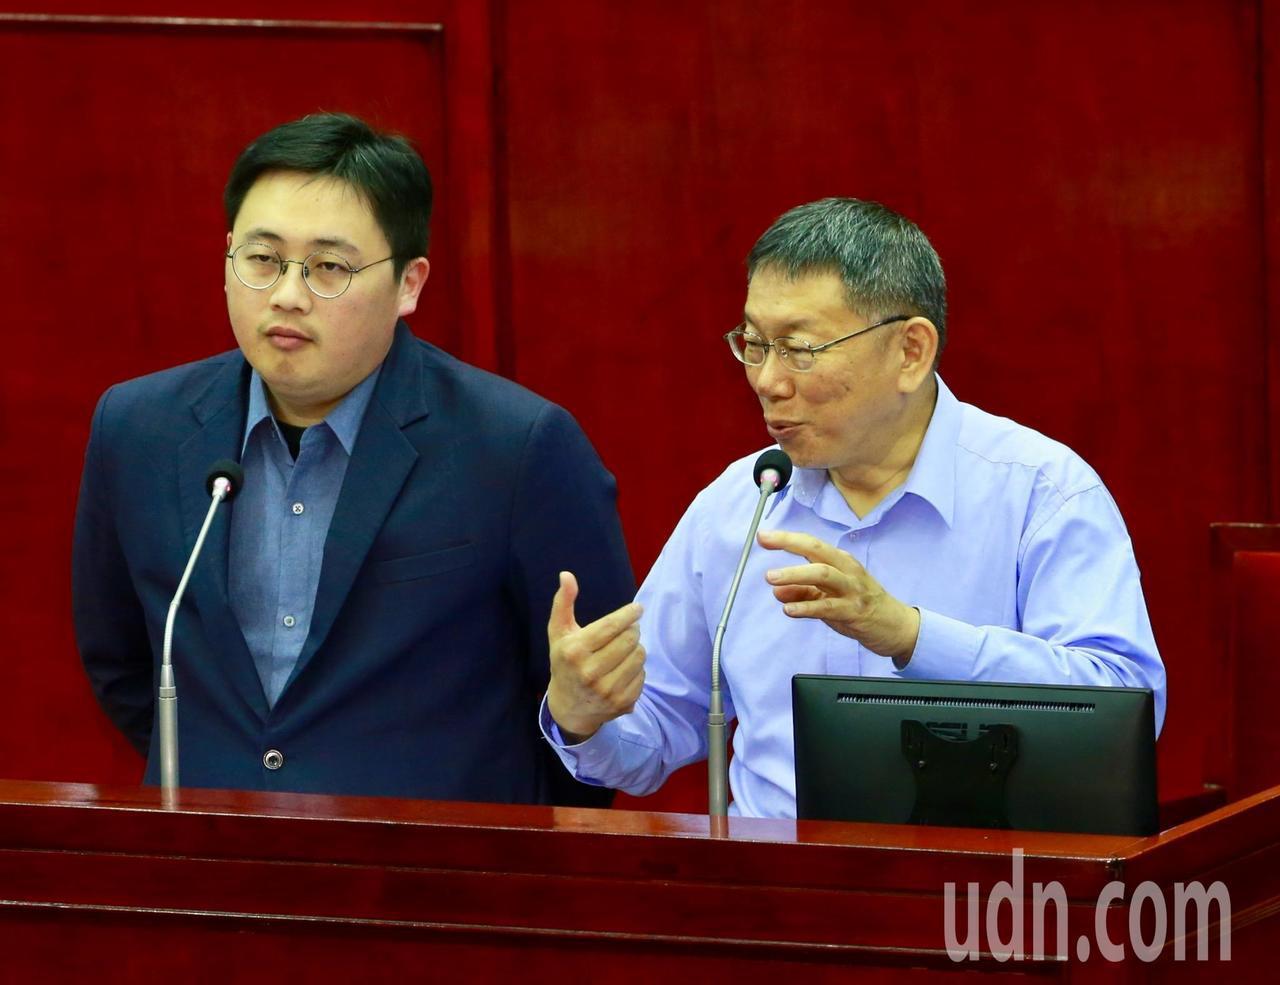 台北巿長柯文哲證實是自己開設的微博帳號自稱「台灣阿北」。記者黃義書/攝影